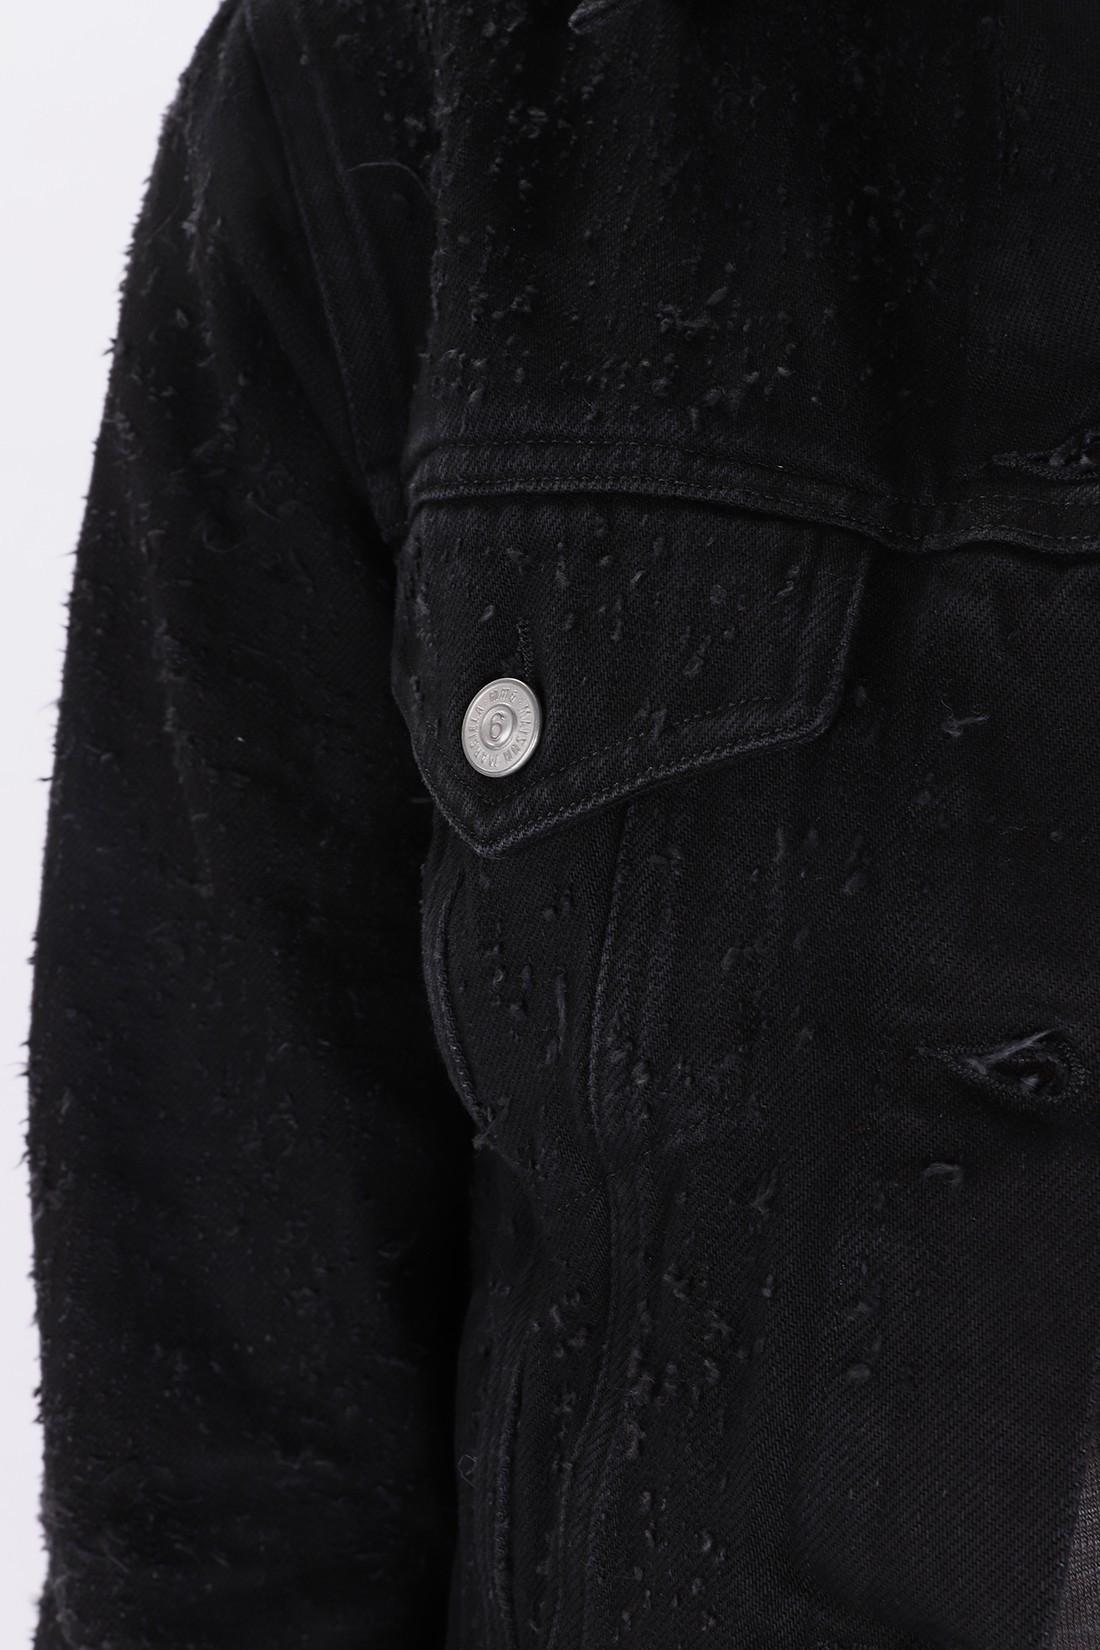 MM6 MAISON MARGIELA / S32am0290 denim jacket Black